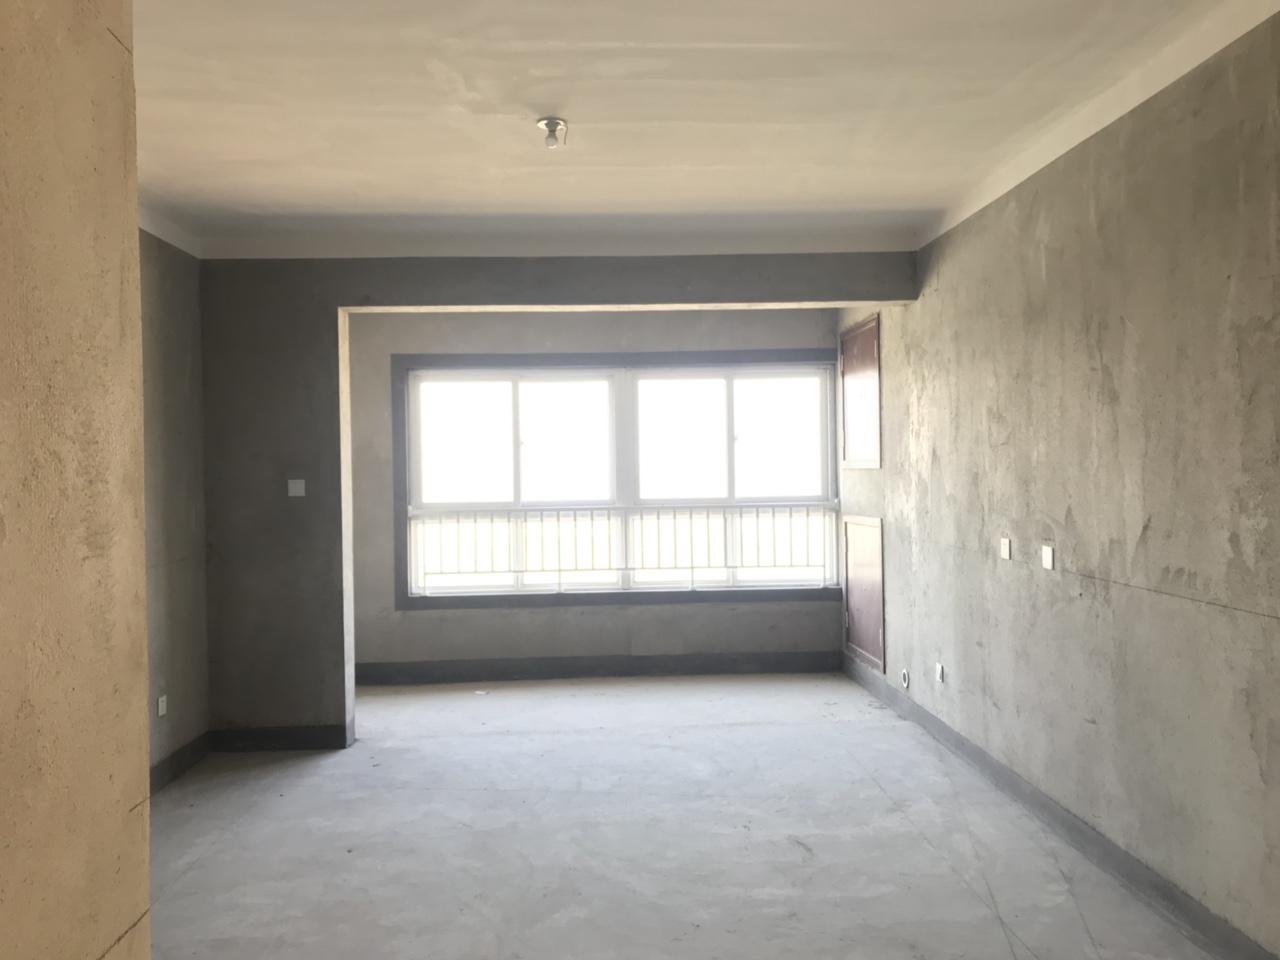 鹭岛荣府3室 2厅 1卫115万元